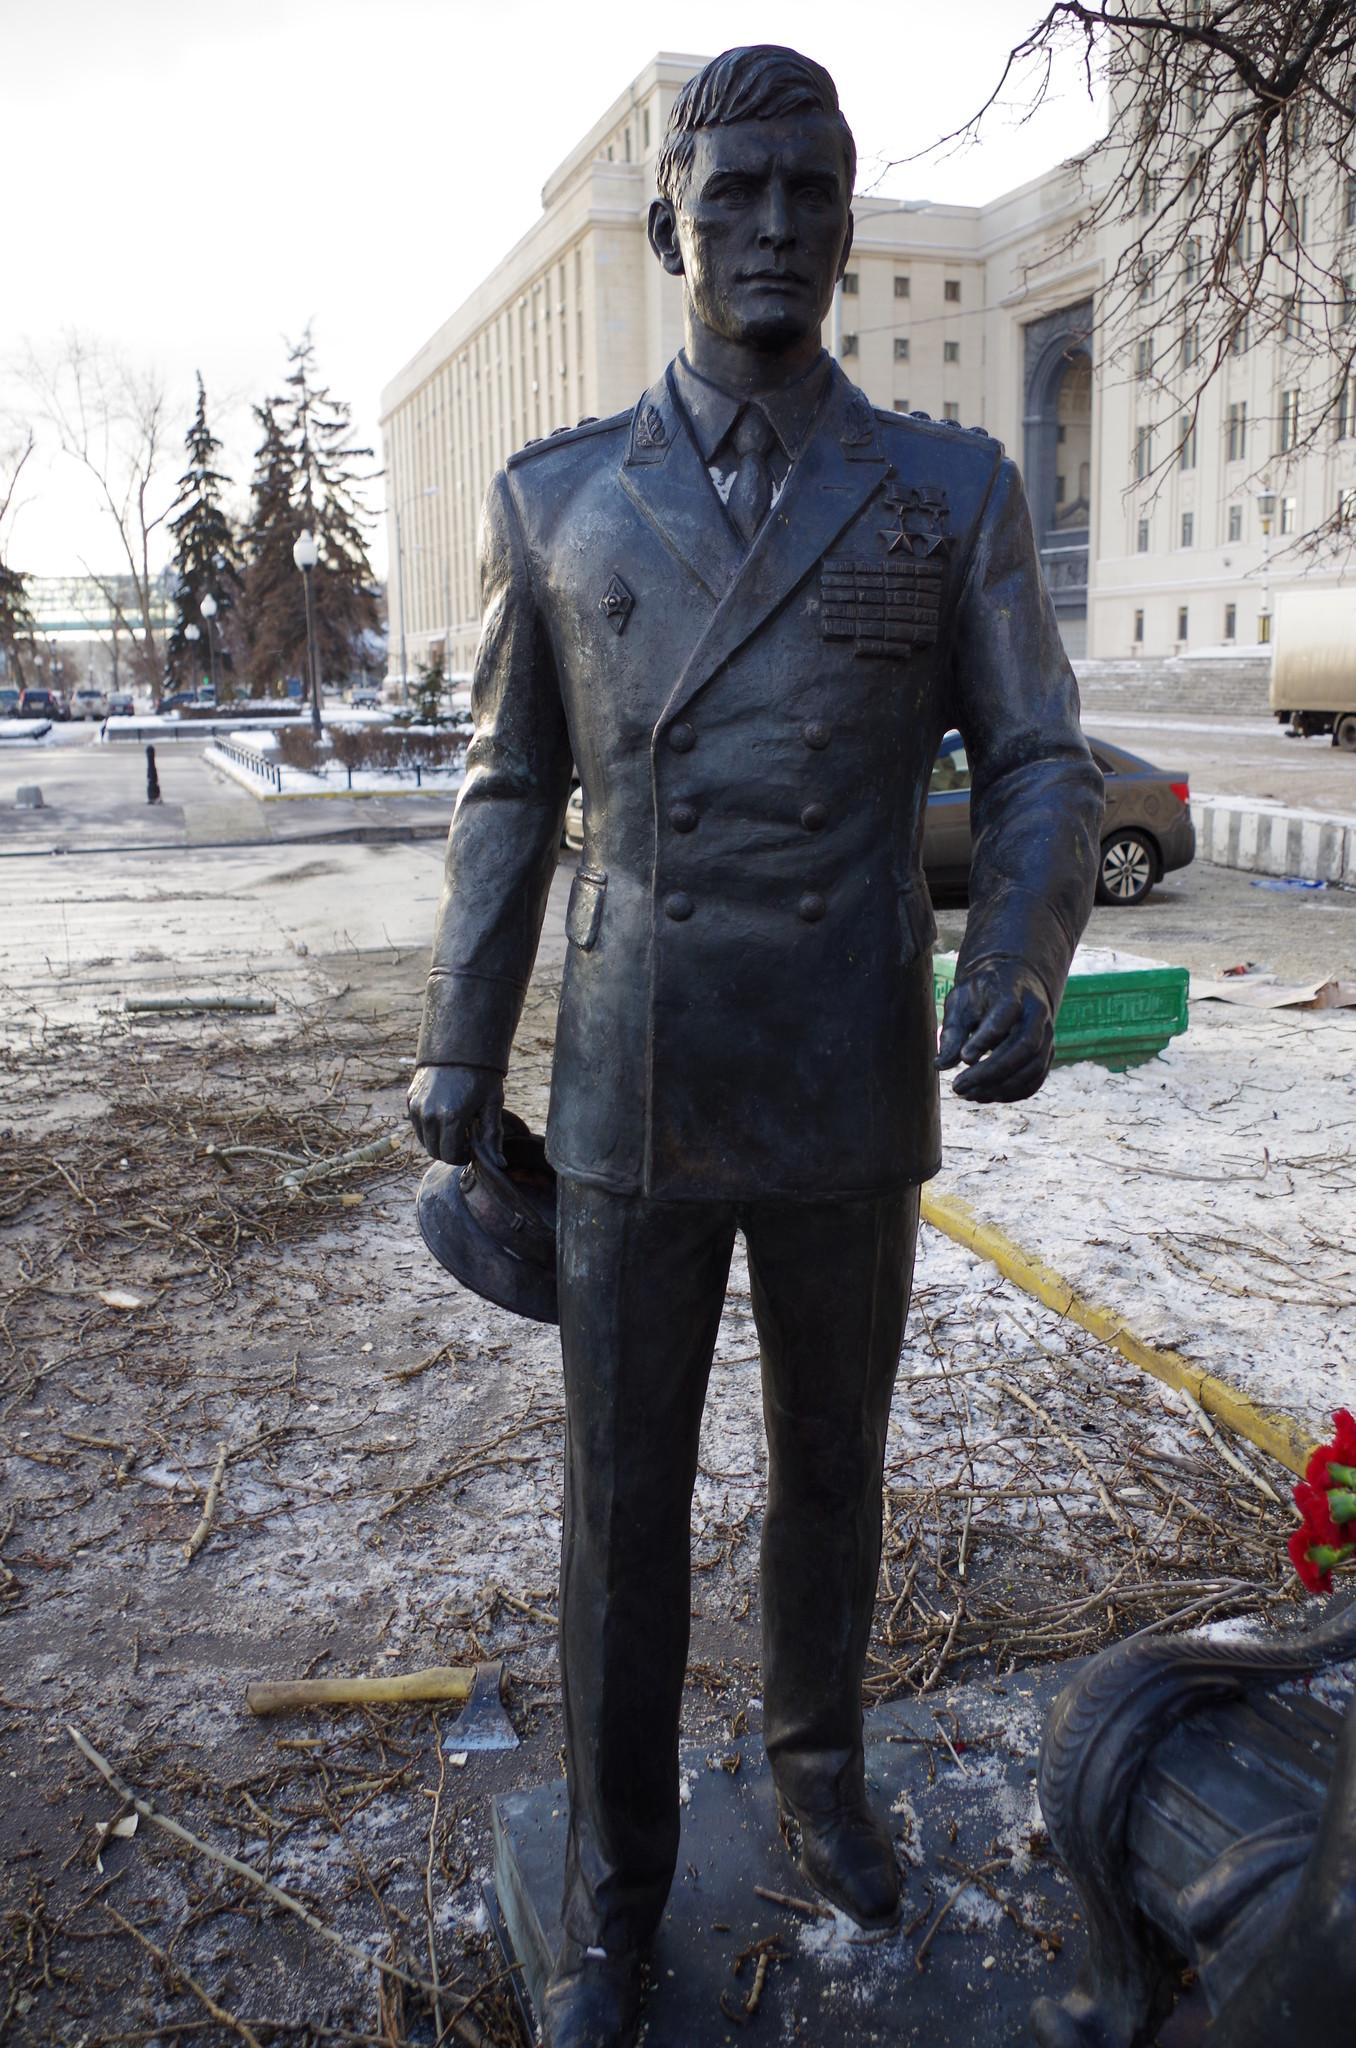 Памятник героям фильма «Офицеры» возле здания Минобороны России в Москве